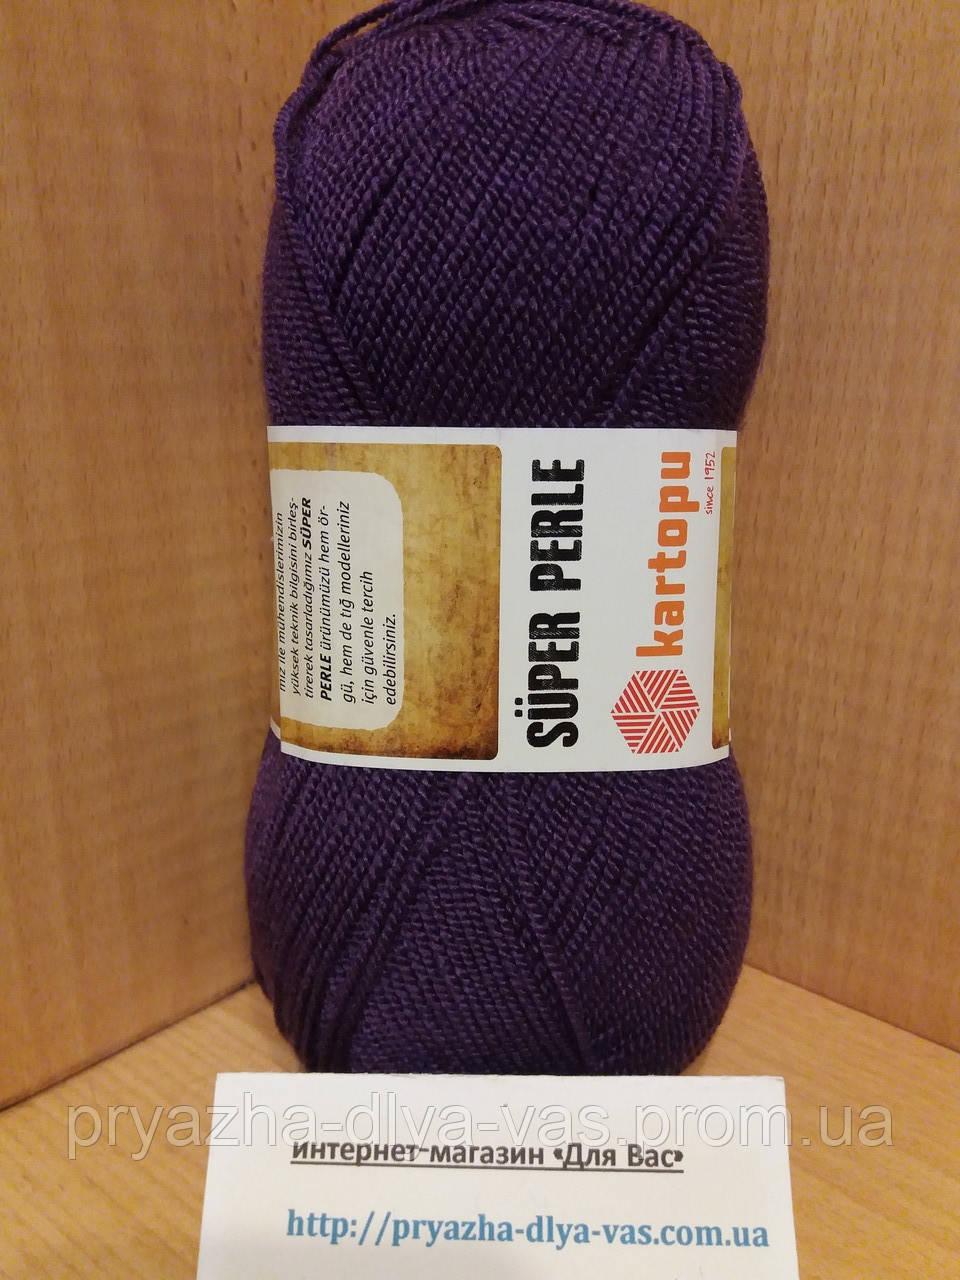 Акриловая пряжа (100%-акрил, 100г/ 400м) Kartopu Super Perle K725 (фиолетовый)